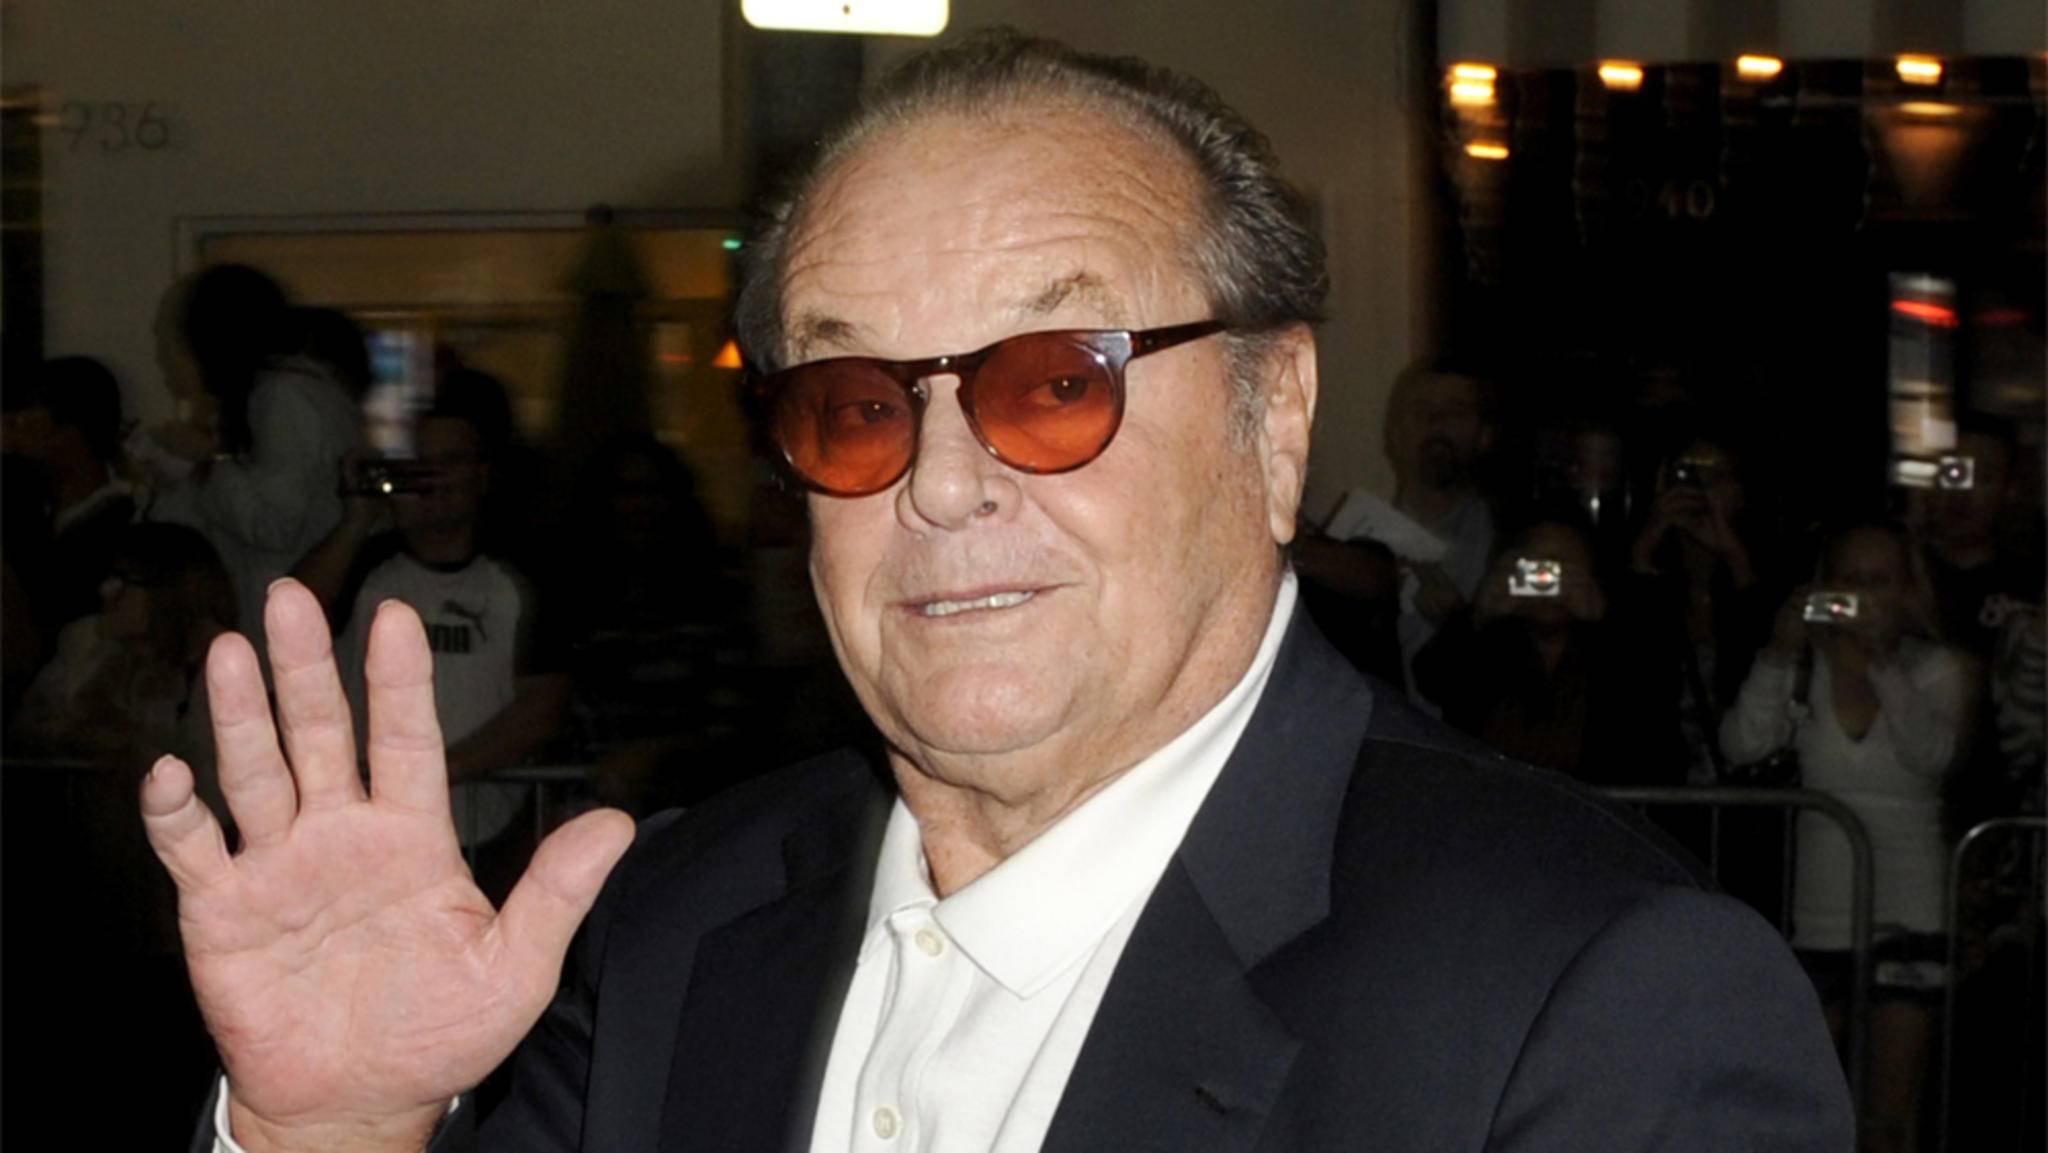 Schrullige Charaktere sind sein Spezialgebiet: Jack Nicholson spielt Toni Erdmann im US-Remake.